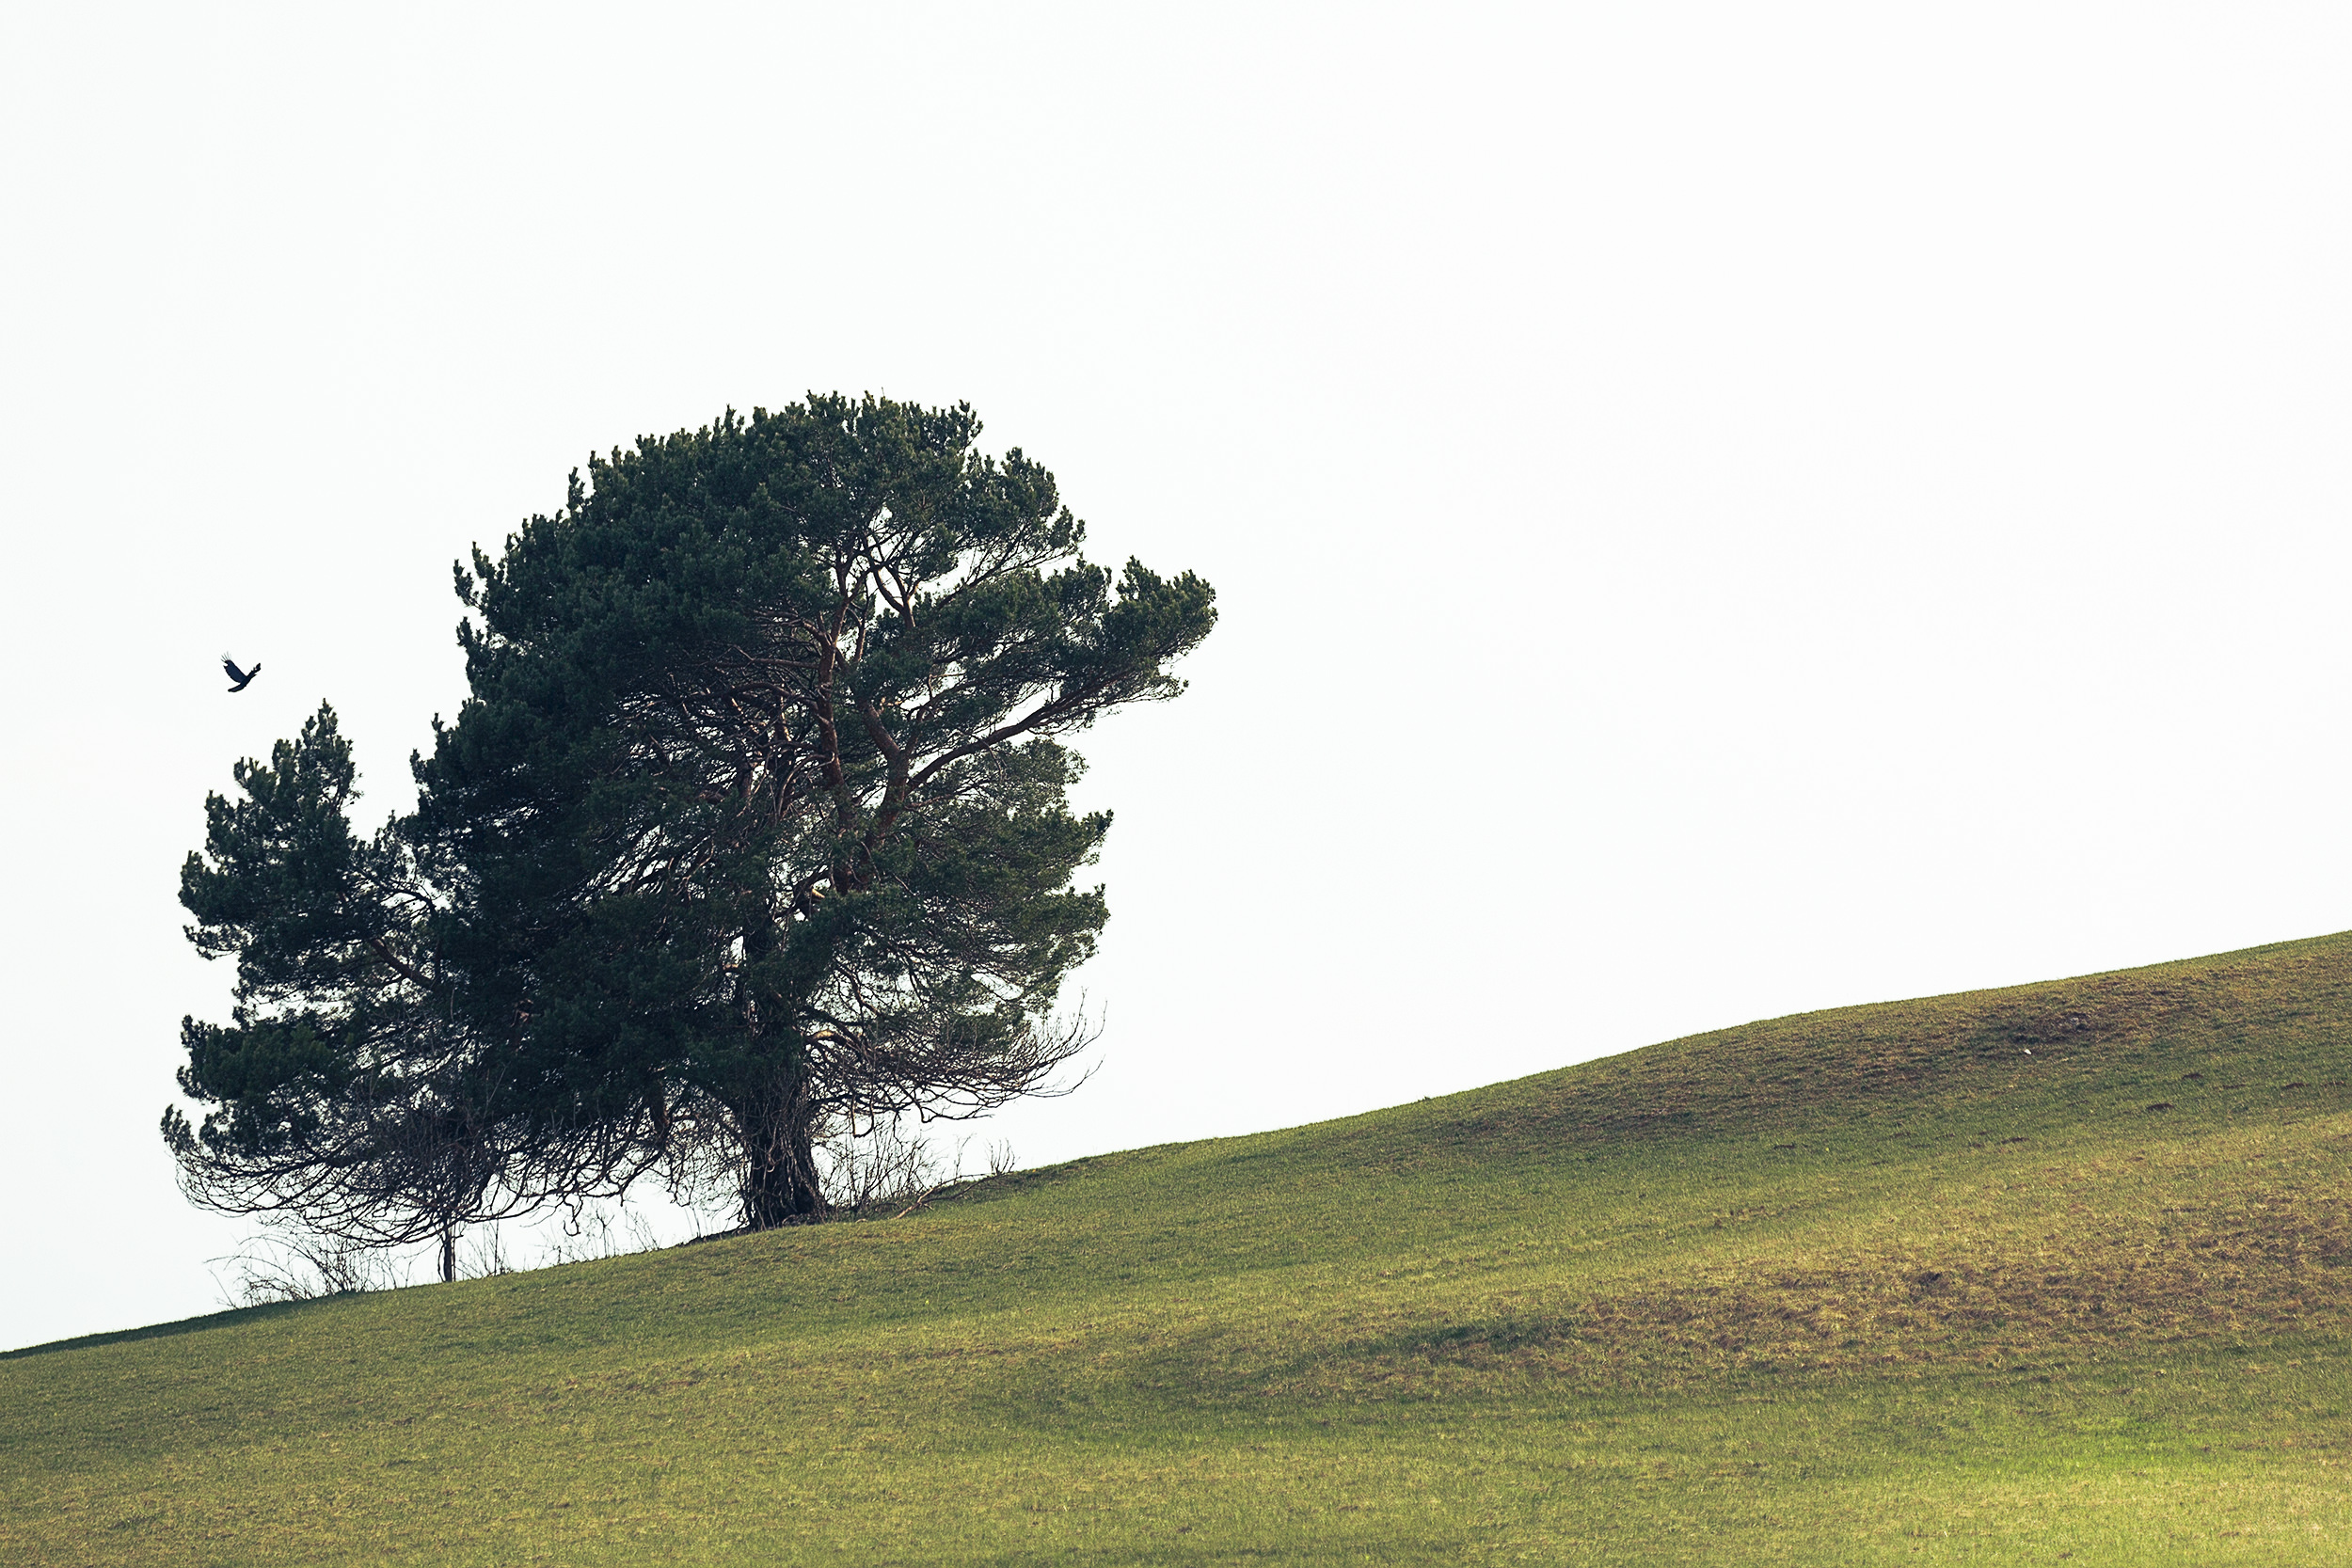 Baum auf einer Wiese.